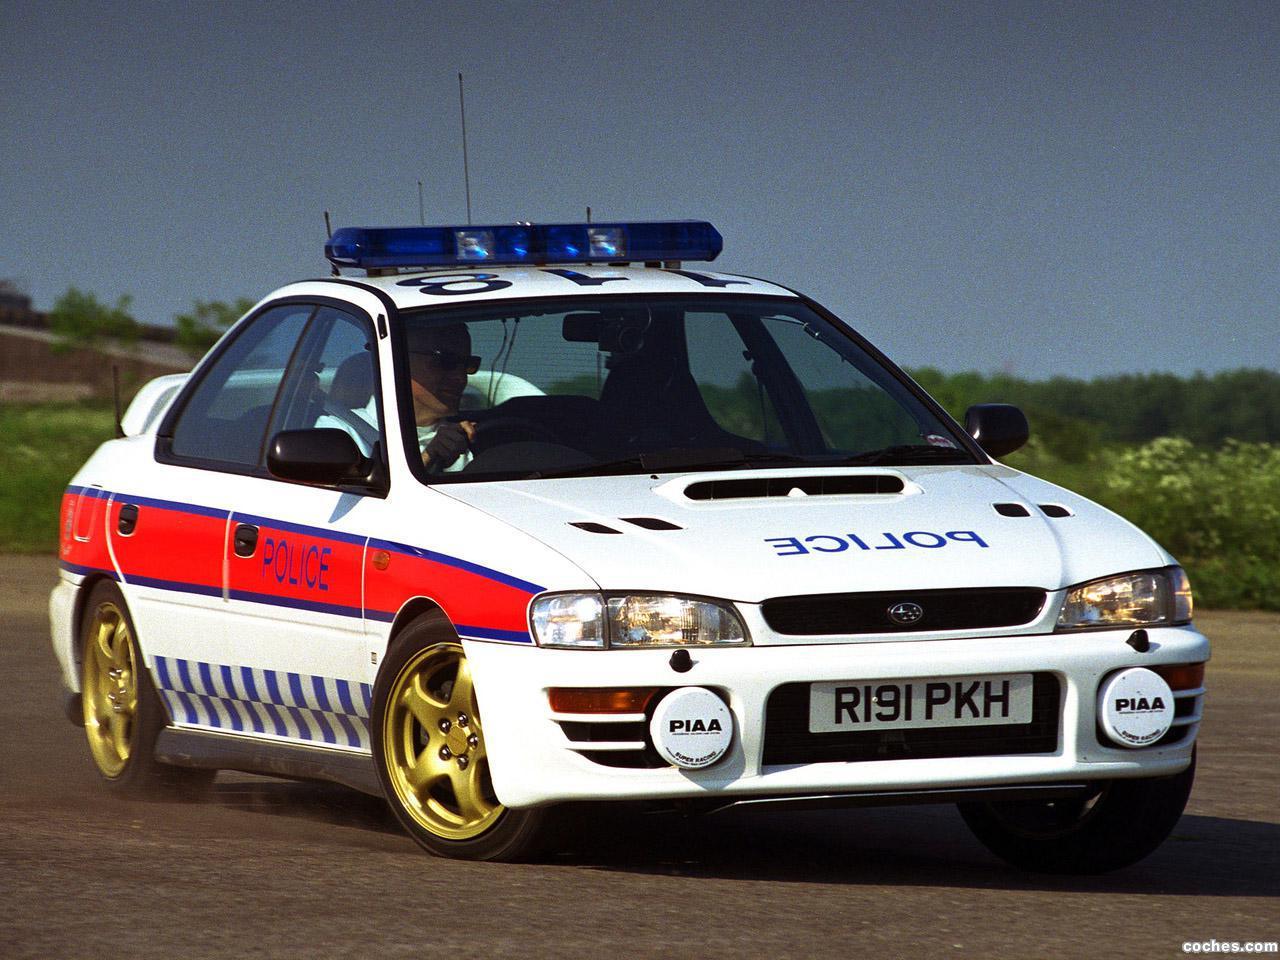 Foto 0 de Subaru Impreza Turbo Police 1996